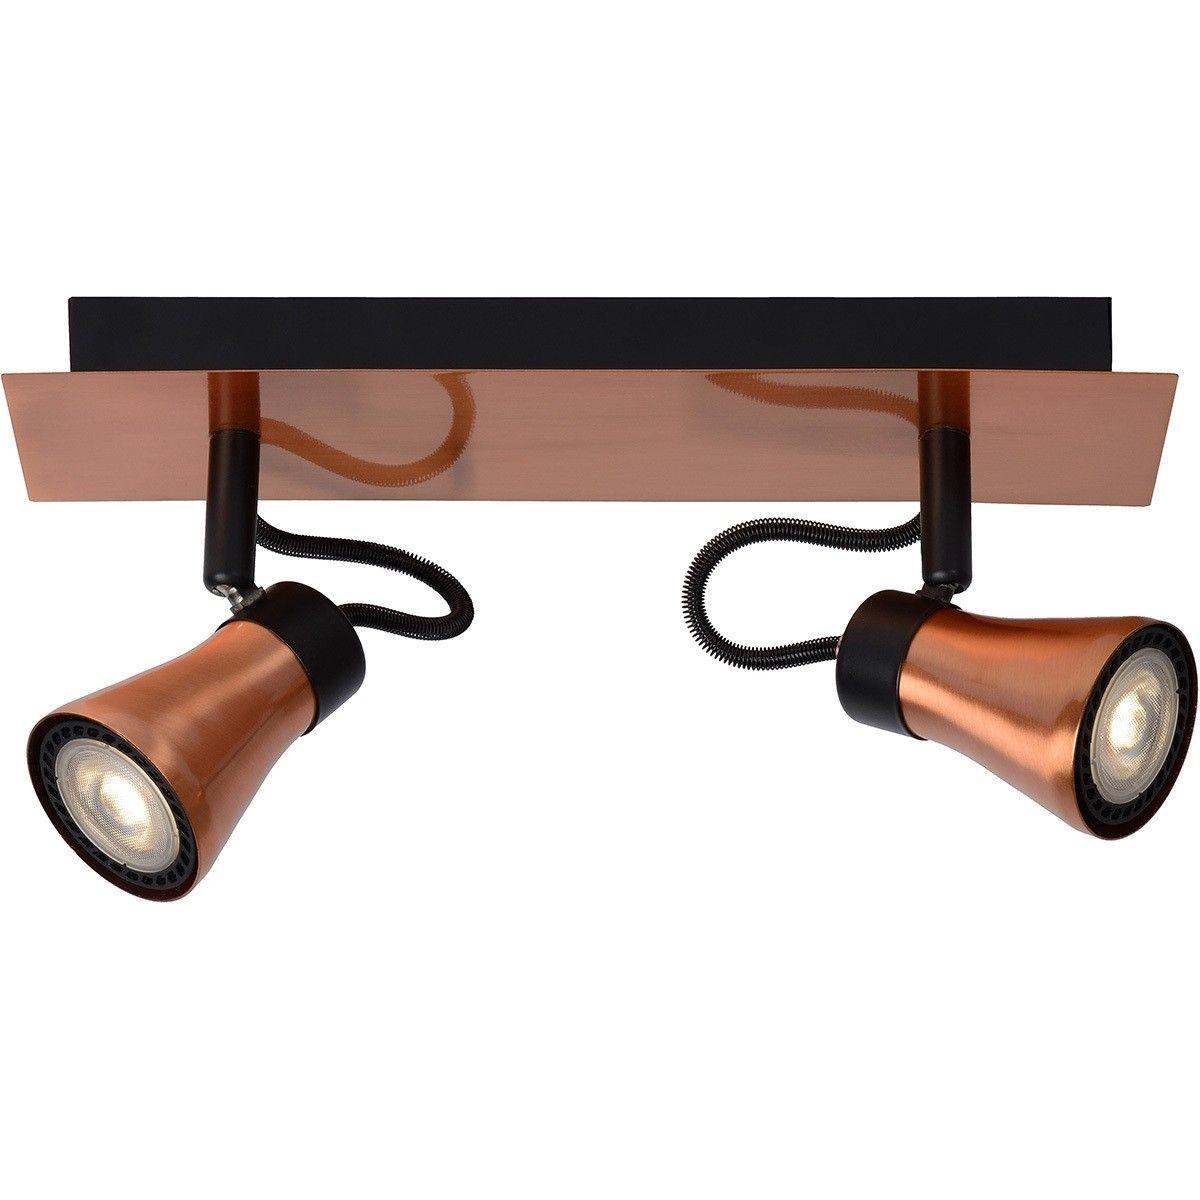 Réglette 2 spots LED orientables BOLO LED cuivre en métal